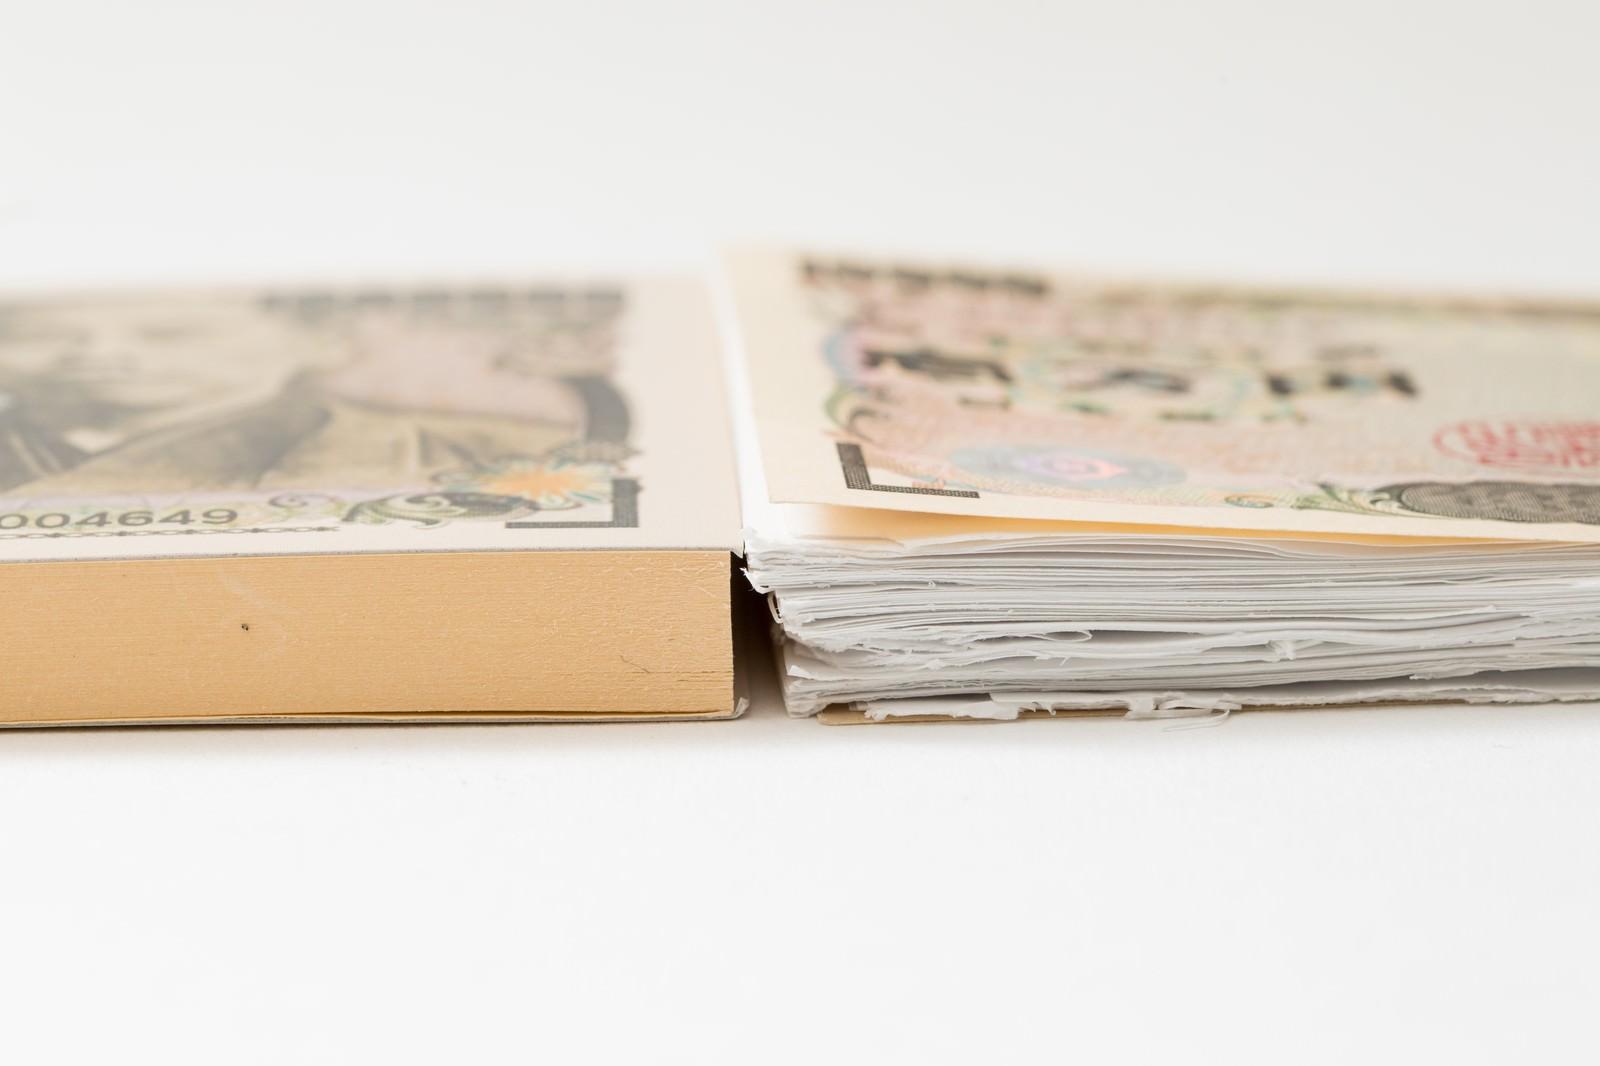 「手作り感満載の札束を作ってみた手作り感満載の札束を作ってみた」のフリー写真素材を拡大